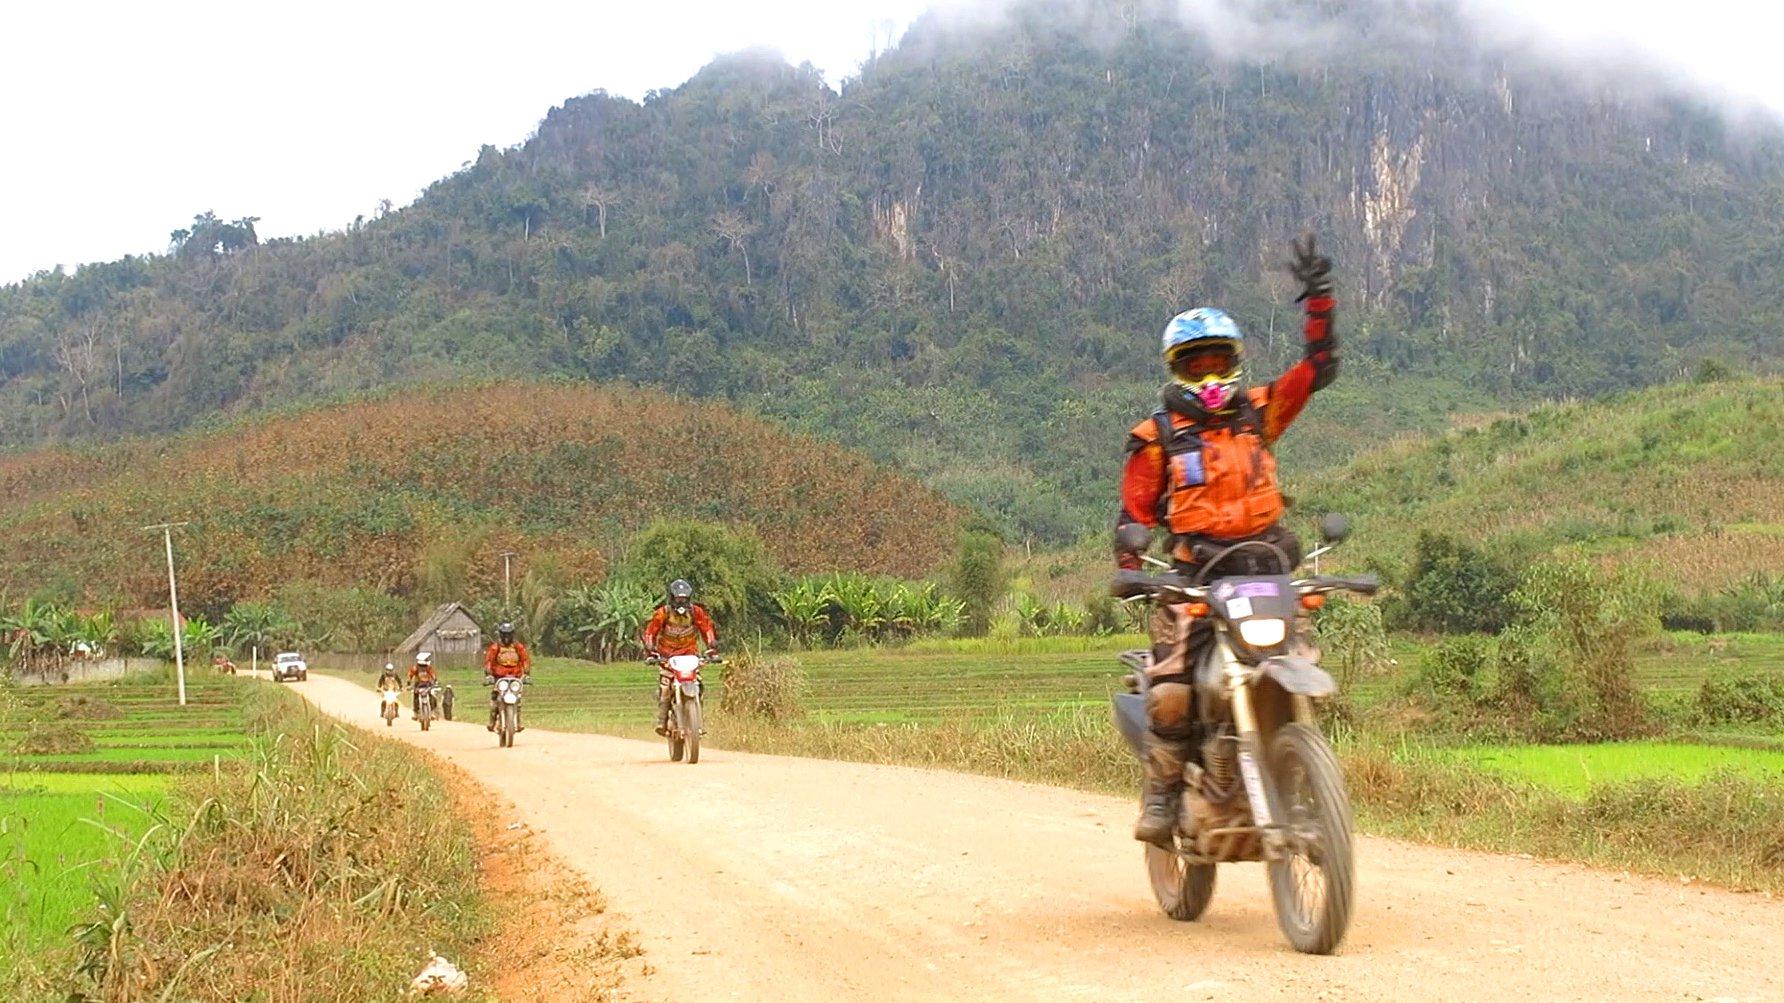 Ein Mottoradfahrer fährt eine Straße in Laos entlang.